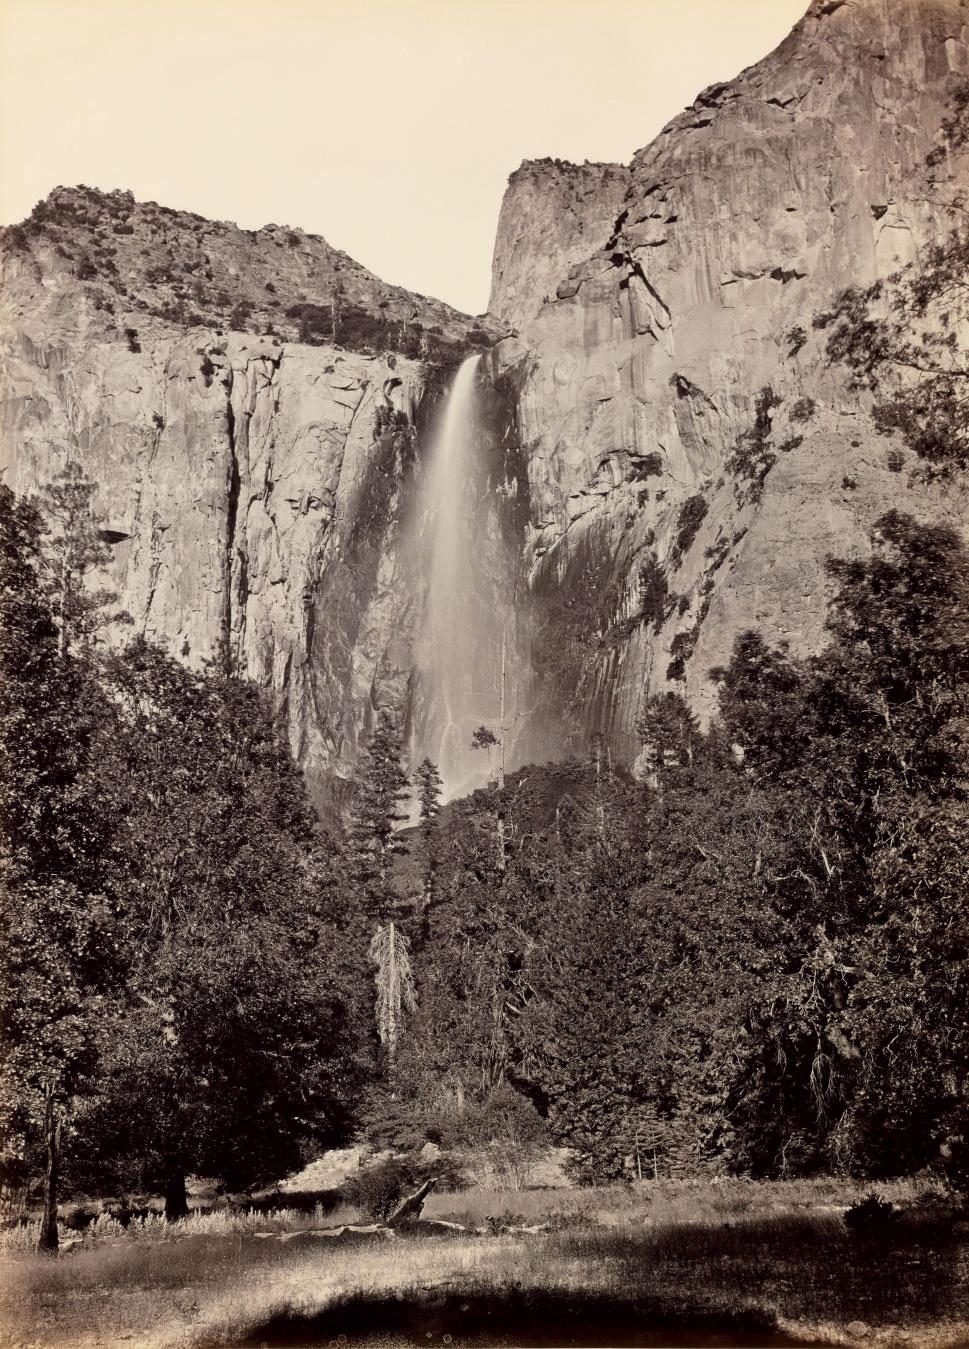 Pohono, Bridal Veil Fall, 940 feet, Yosemite, 1865-66